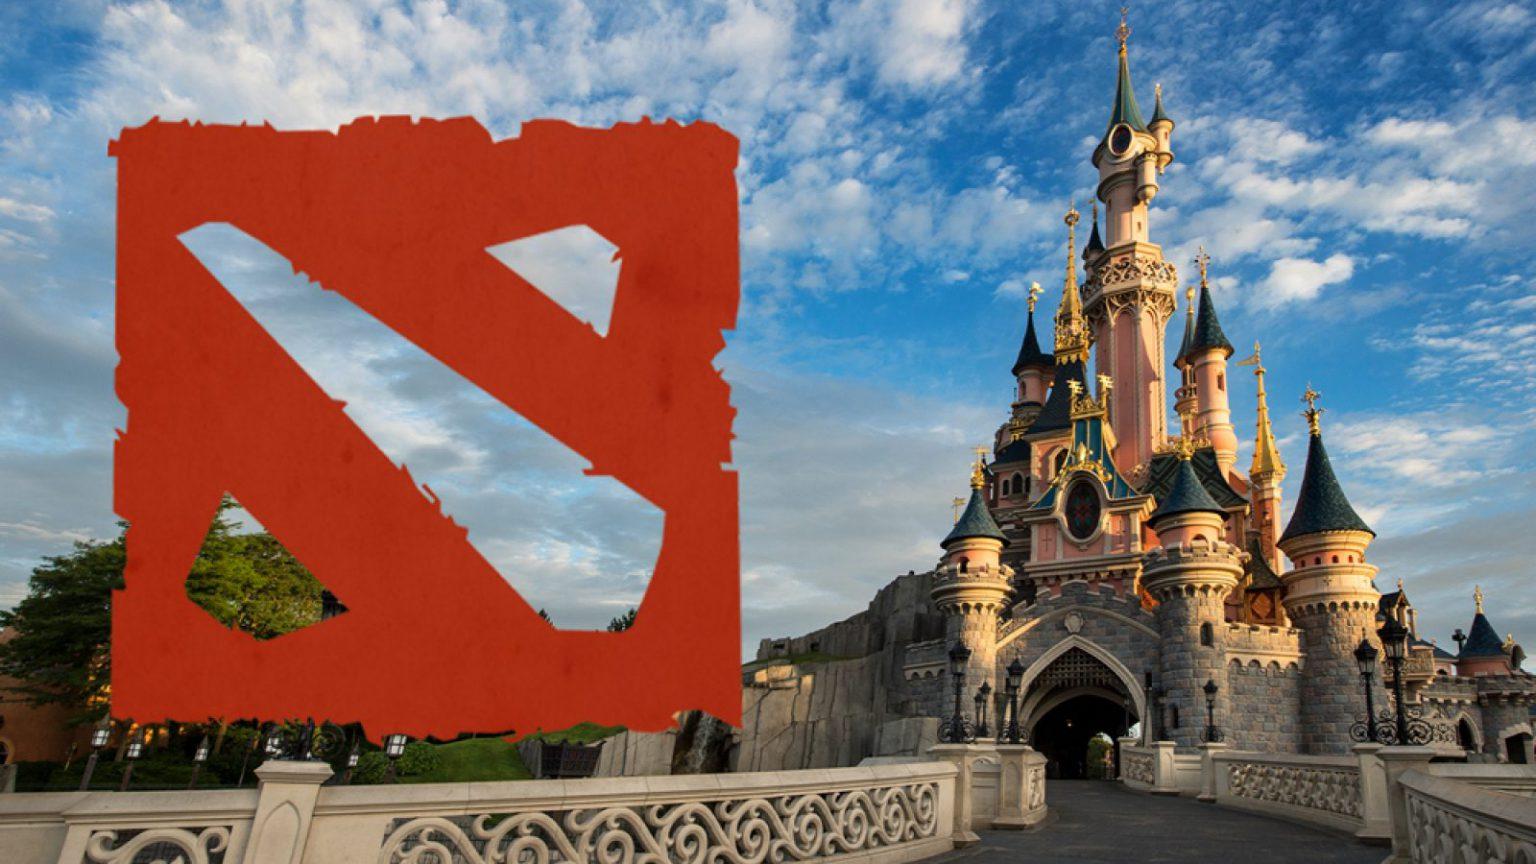 MDL Disneyland